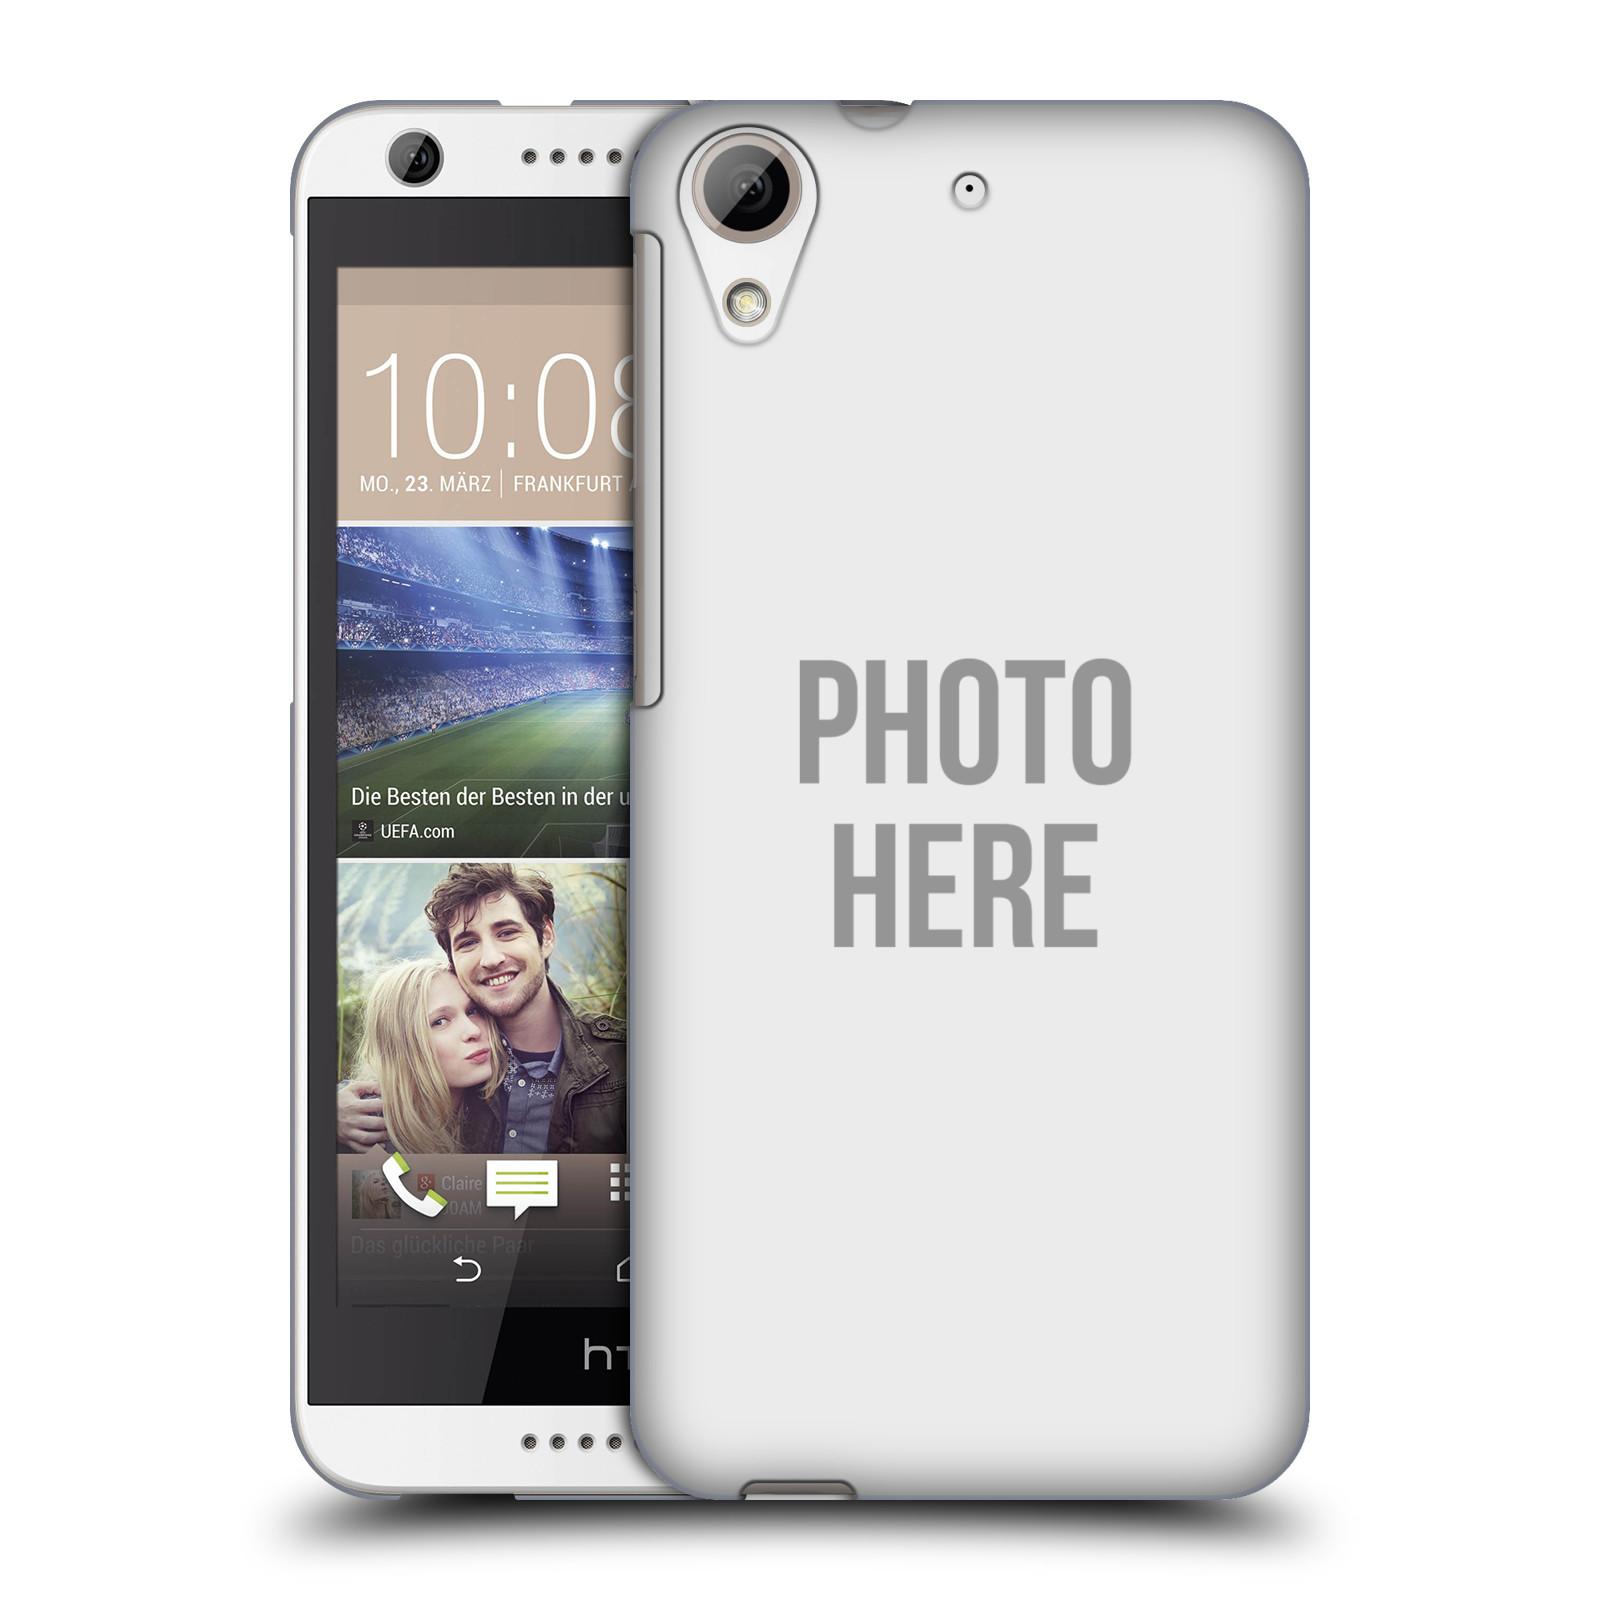 Silikonové pouzdro na mobil HTC Desire 626 / 626G HEAD CASE s vlastním motivem (Silikonový kryt či obal s vlastní fotografií na mobilní telefon HTC Desire 626 a 626G Dual SIM)